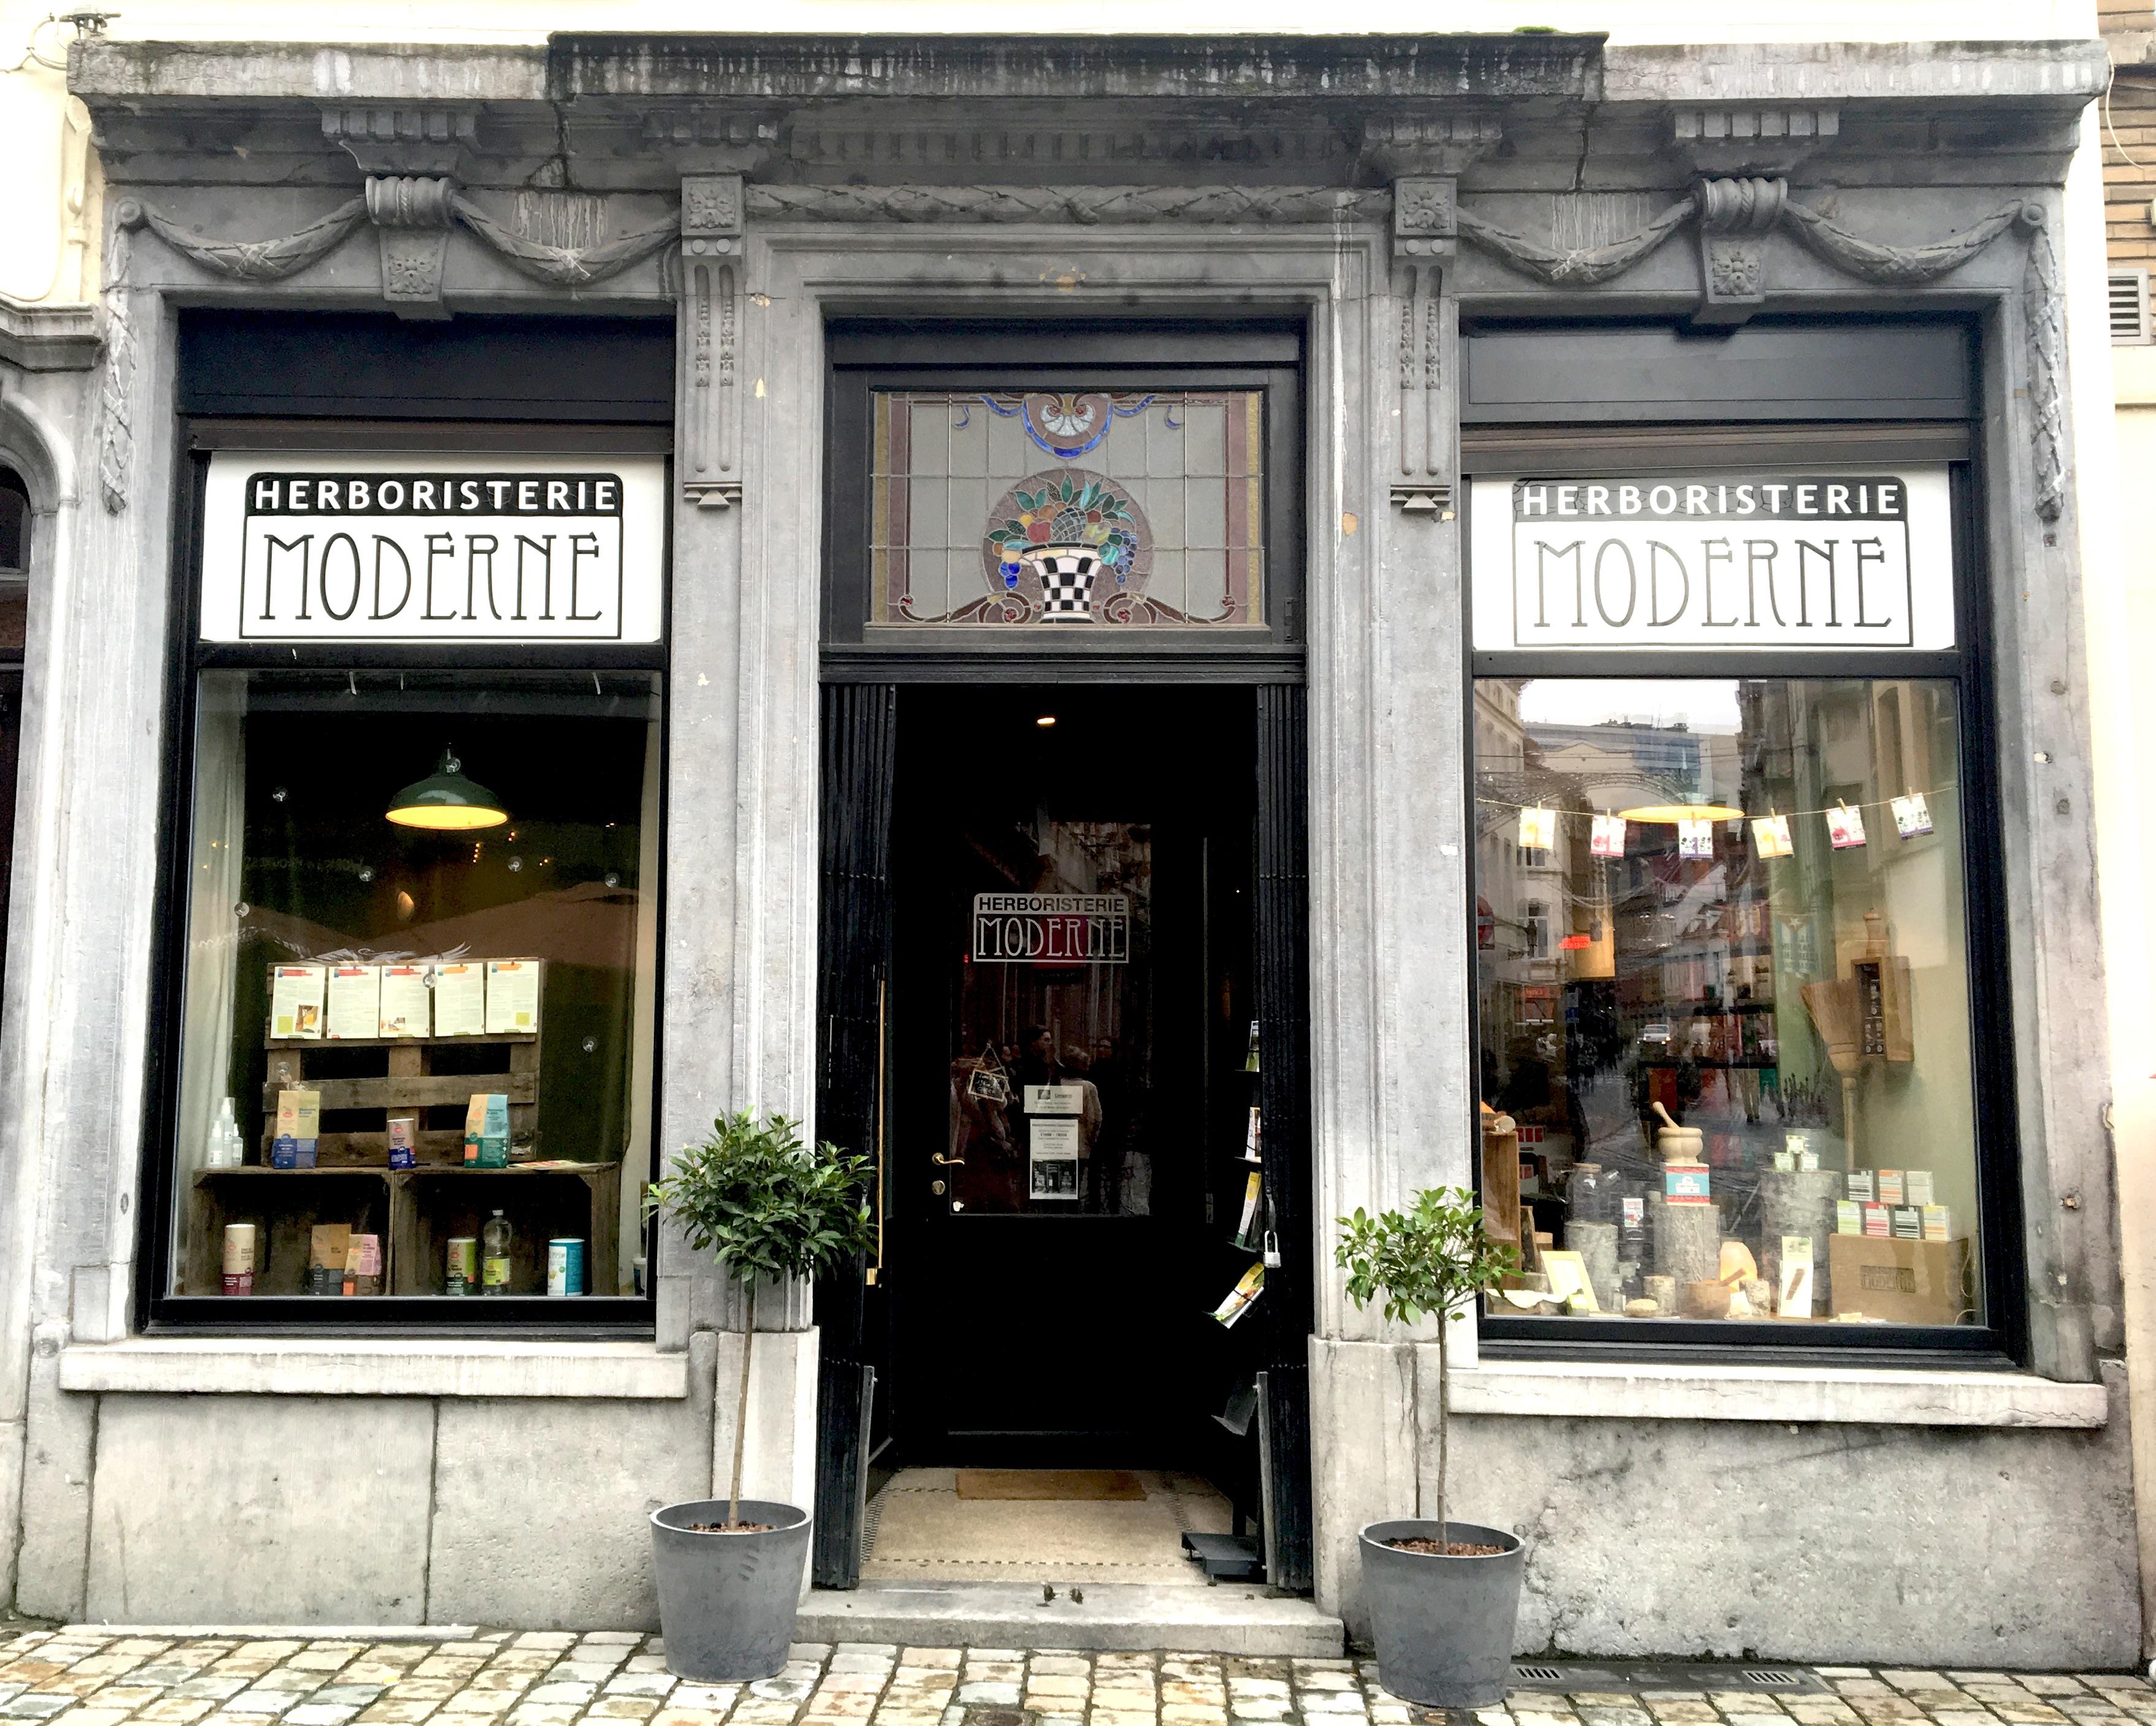 magasin l'herboristerie moderne